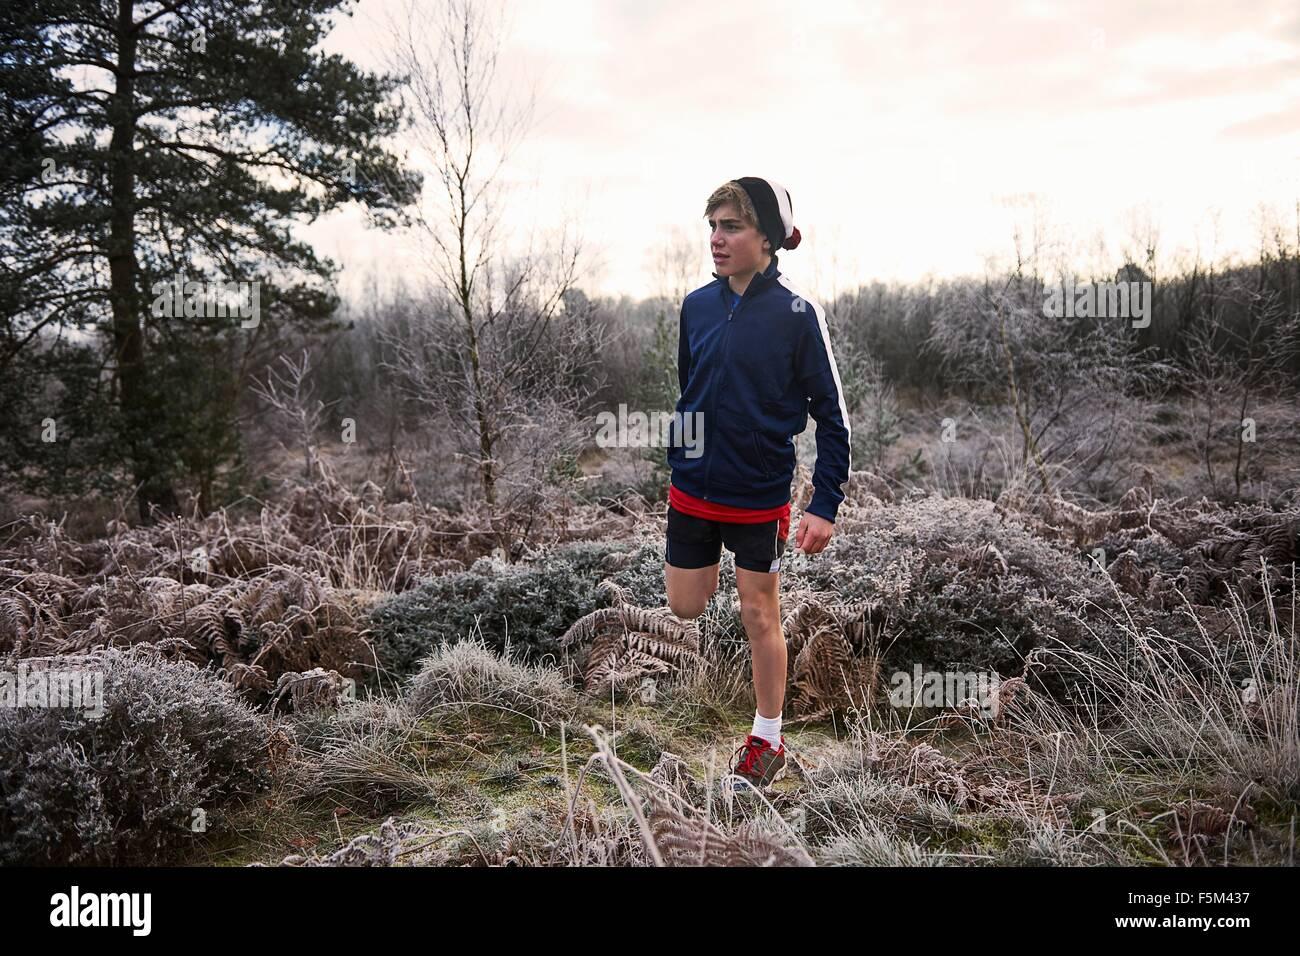 Adolescente sobre praderas heladas vistiendo ropa deportiva estirando la pierna mirando lejos Imagen De Stock